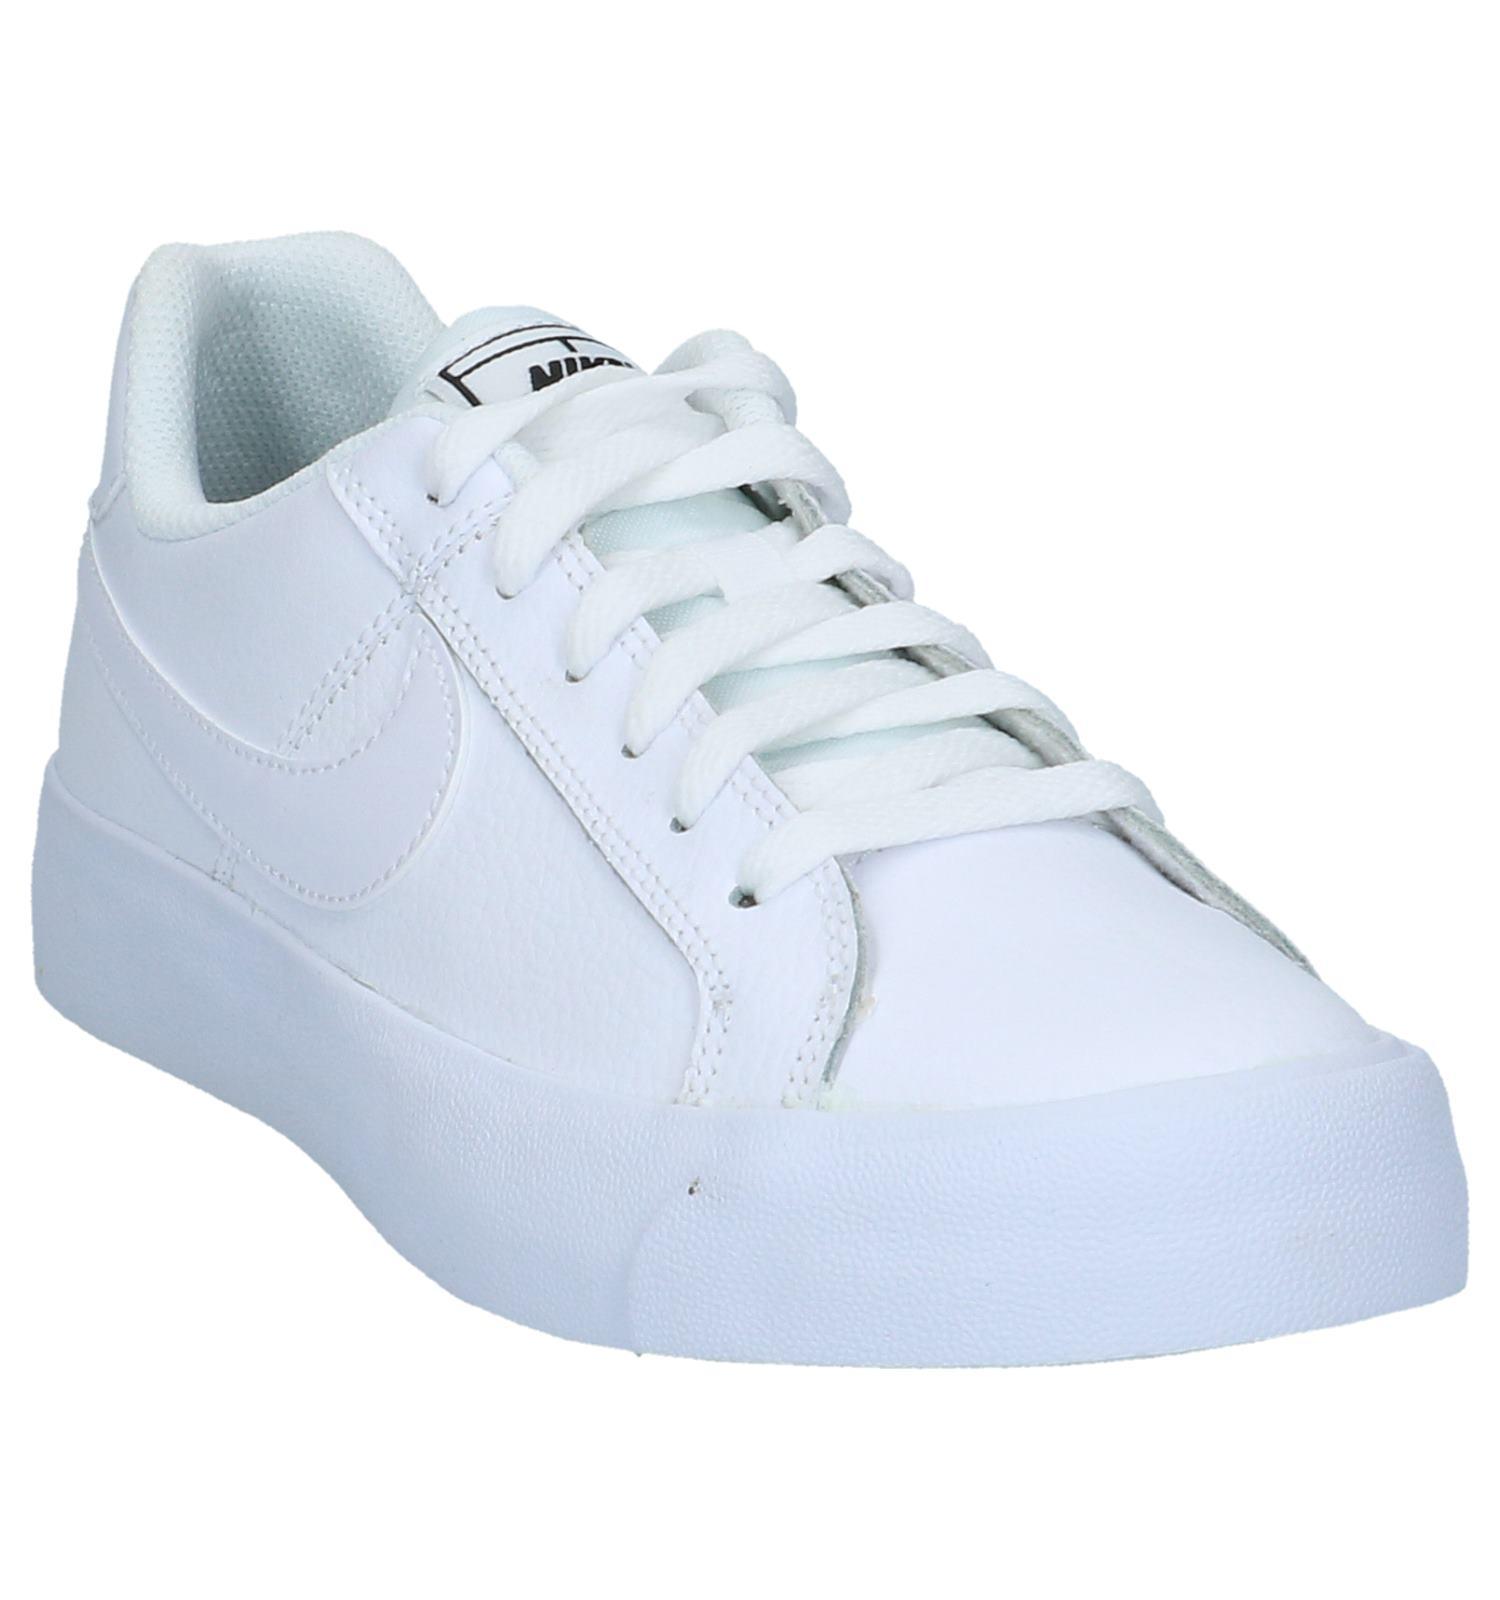 c562766c3c6 Sneakers Wit Nike Court Royale | TORFS.BE | Gratis verzend en retour